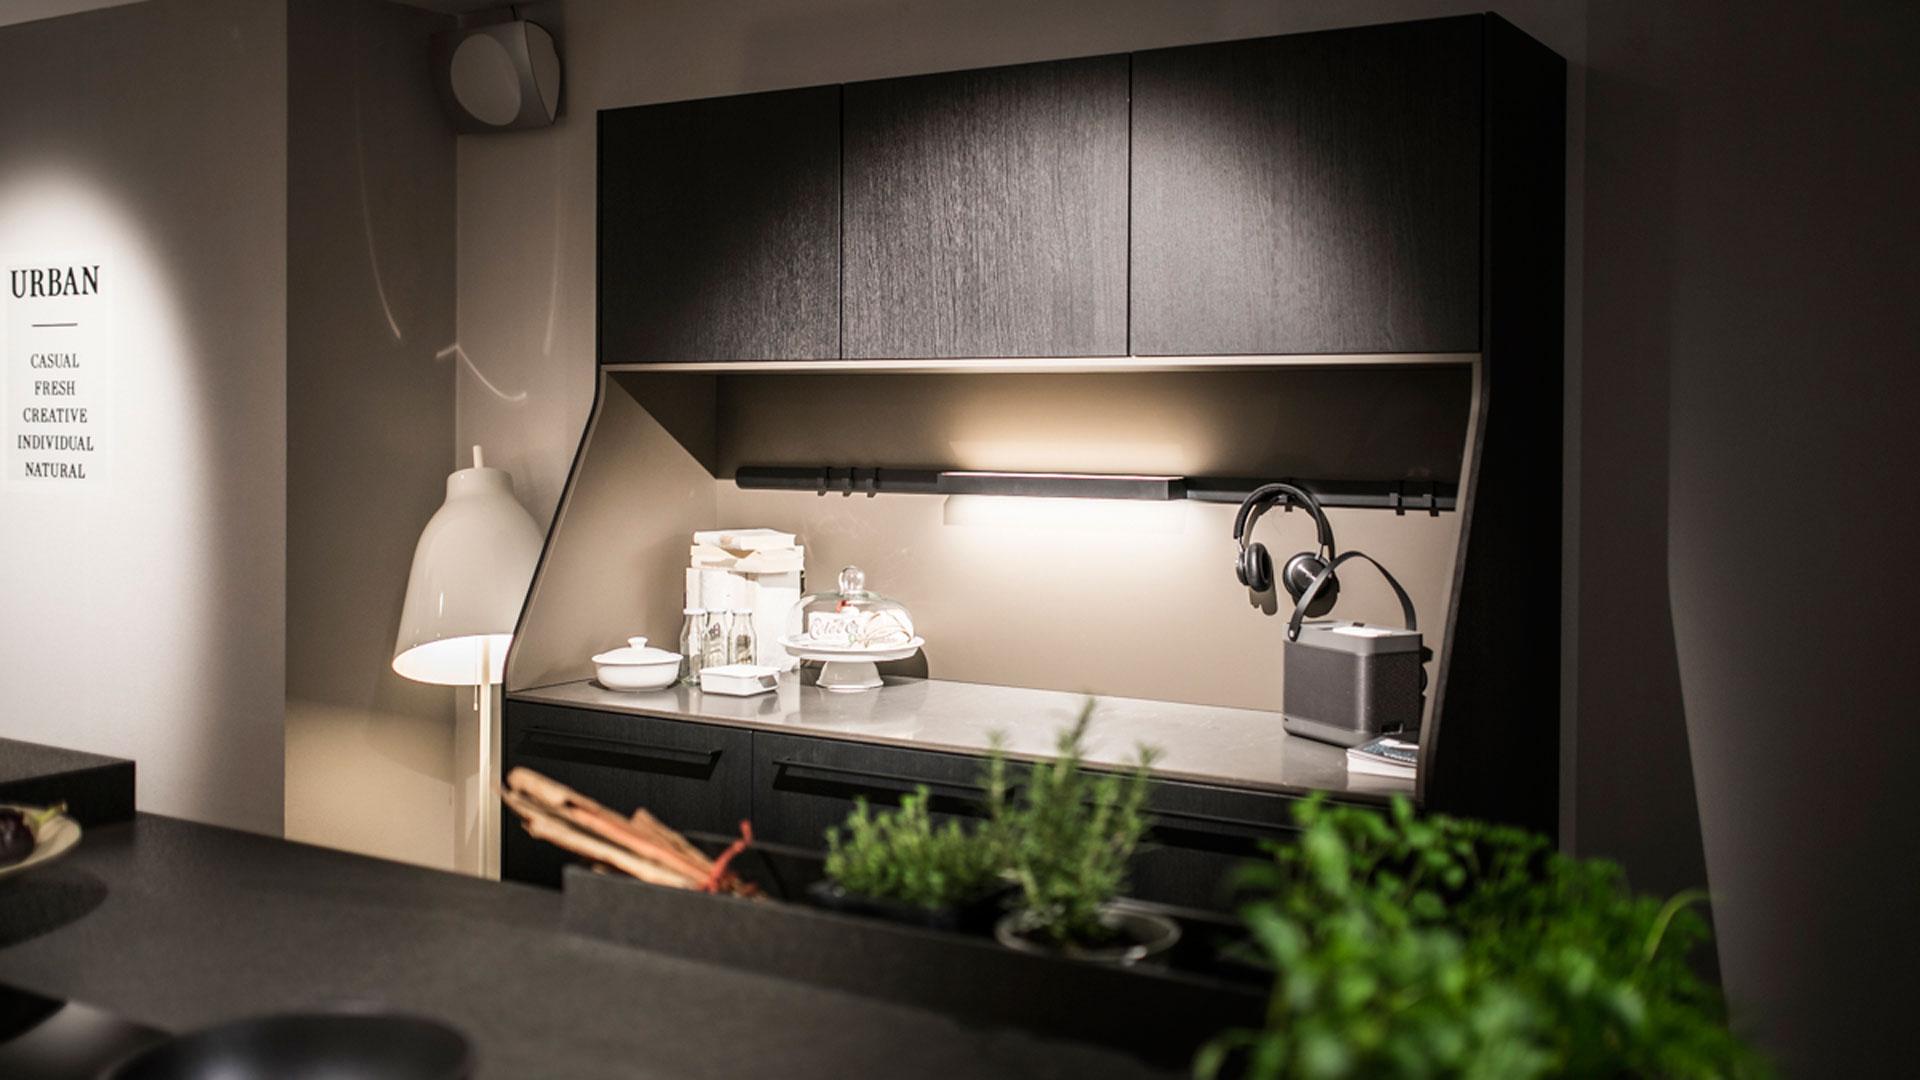 Living kitchen messe in köln rempp